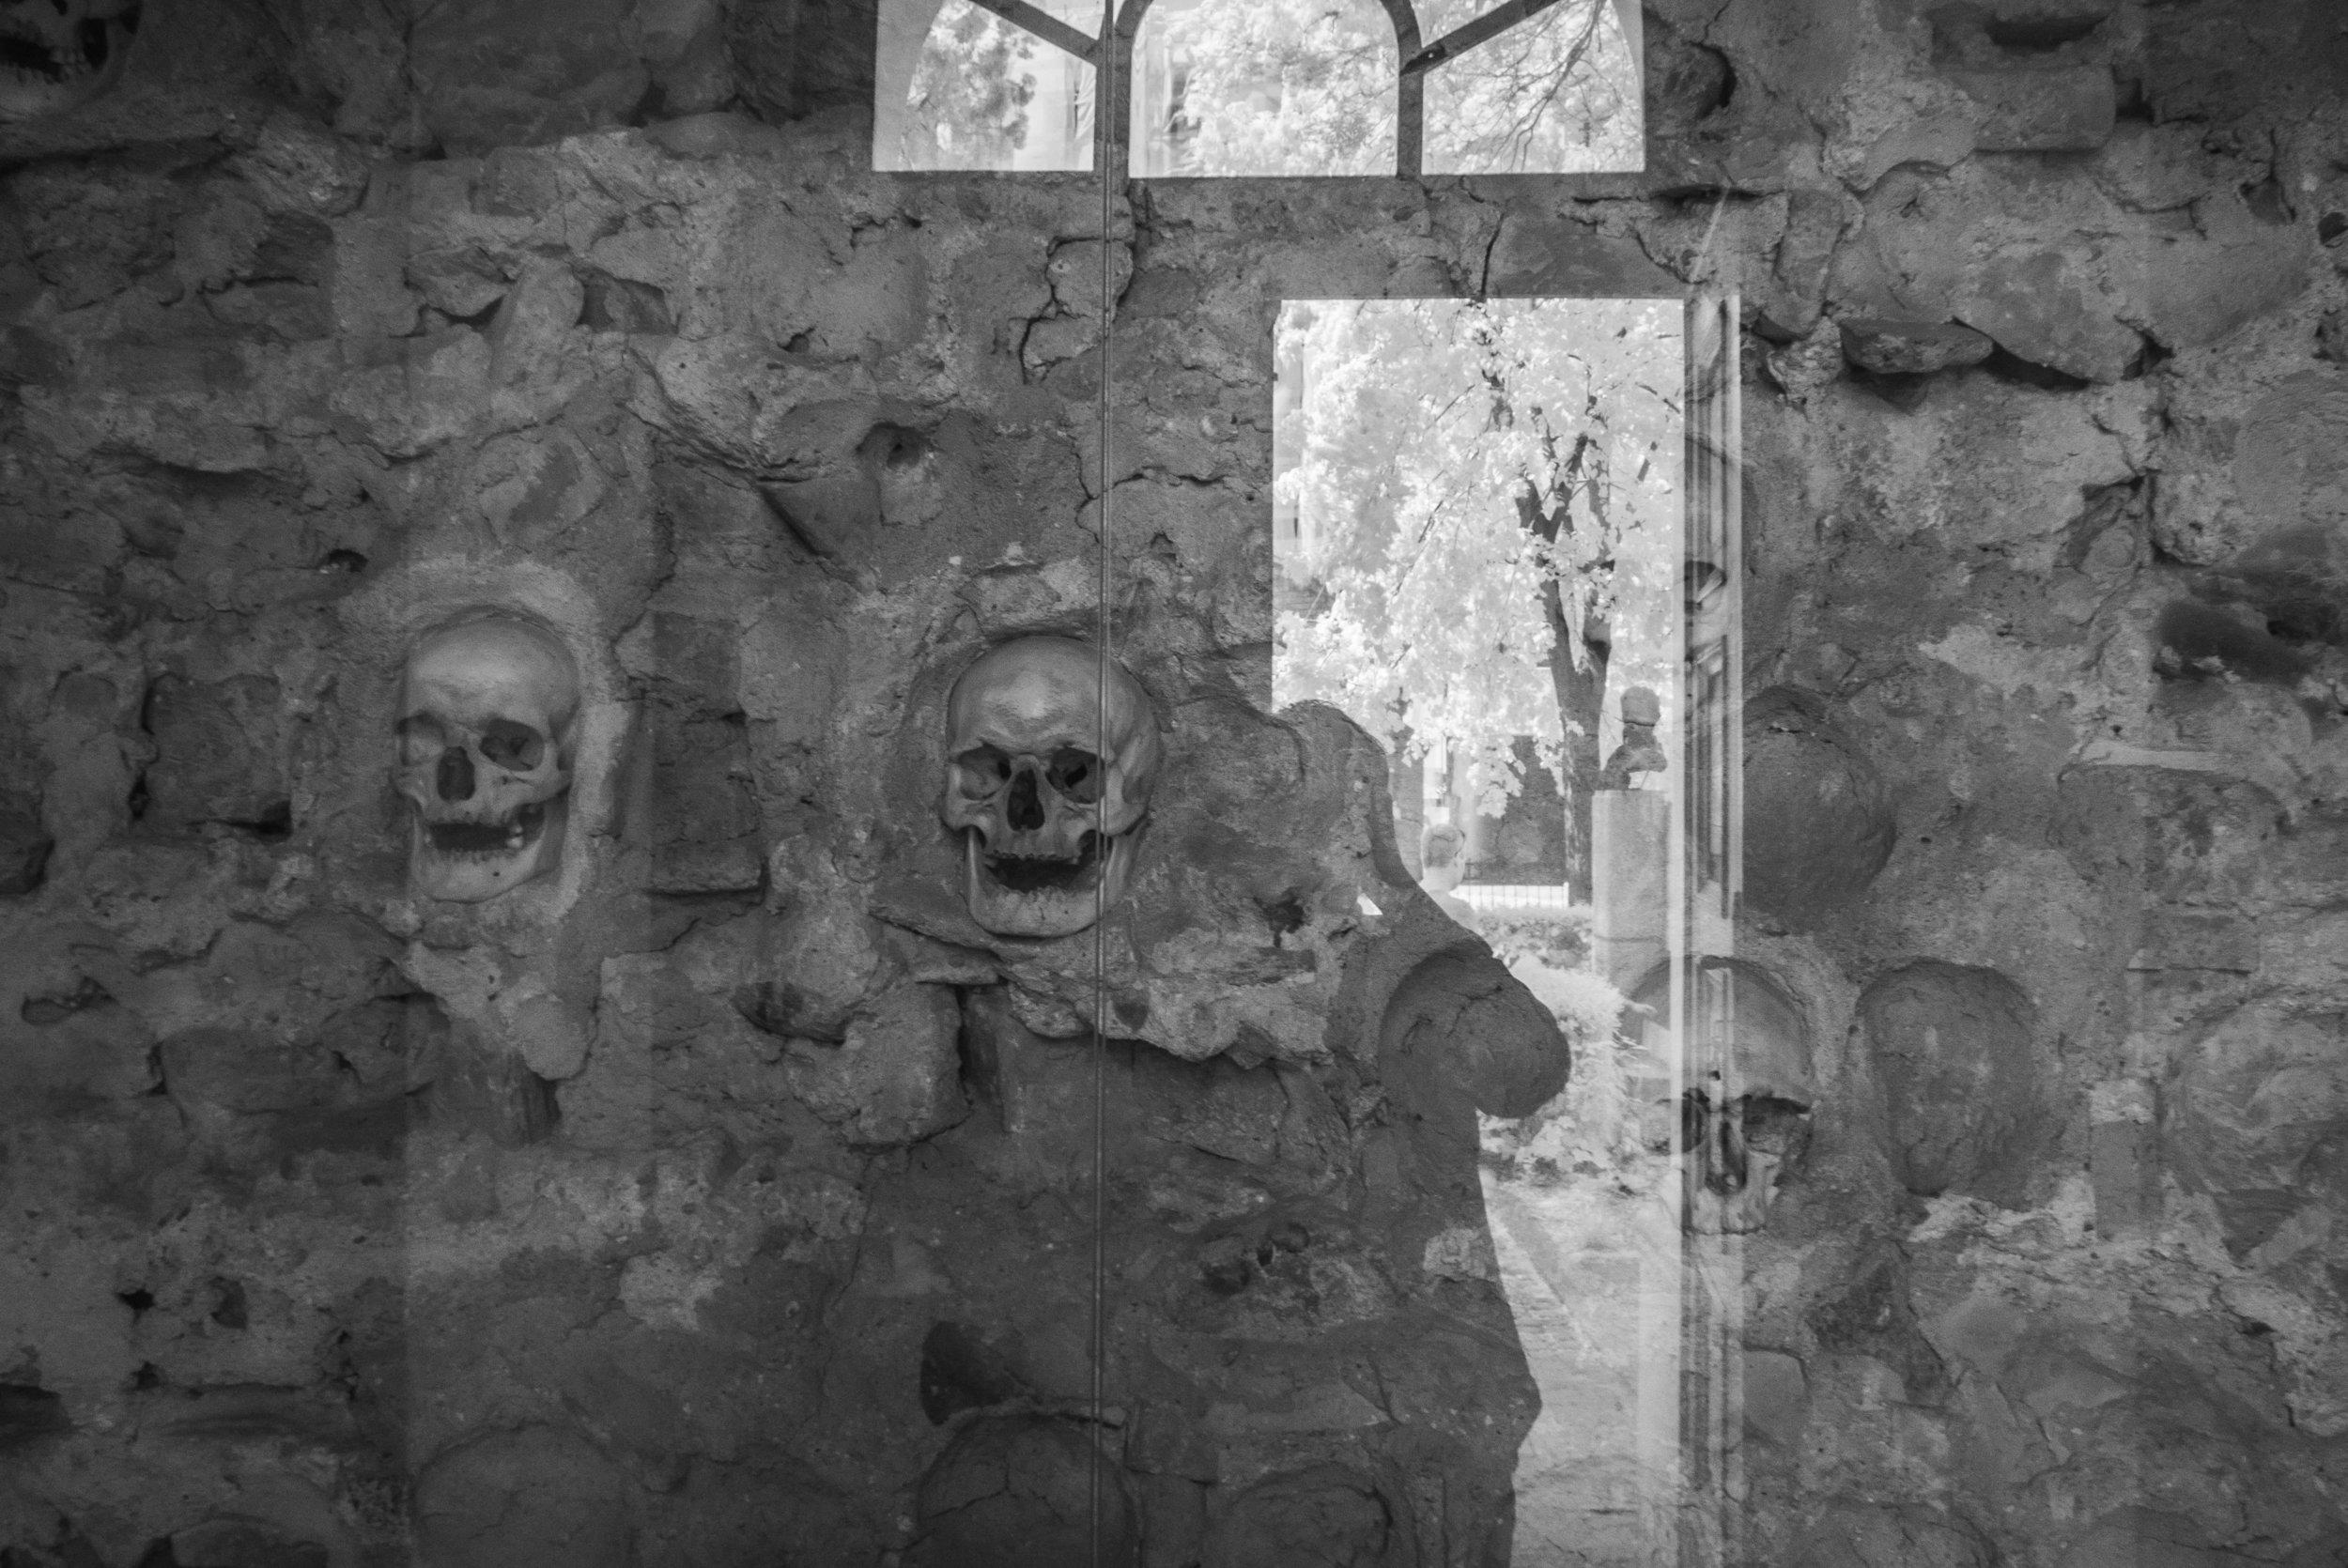 15_Skull_Tower_Nis_988.jpg